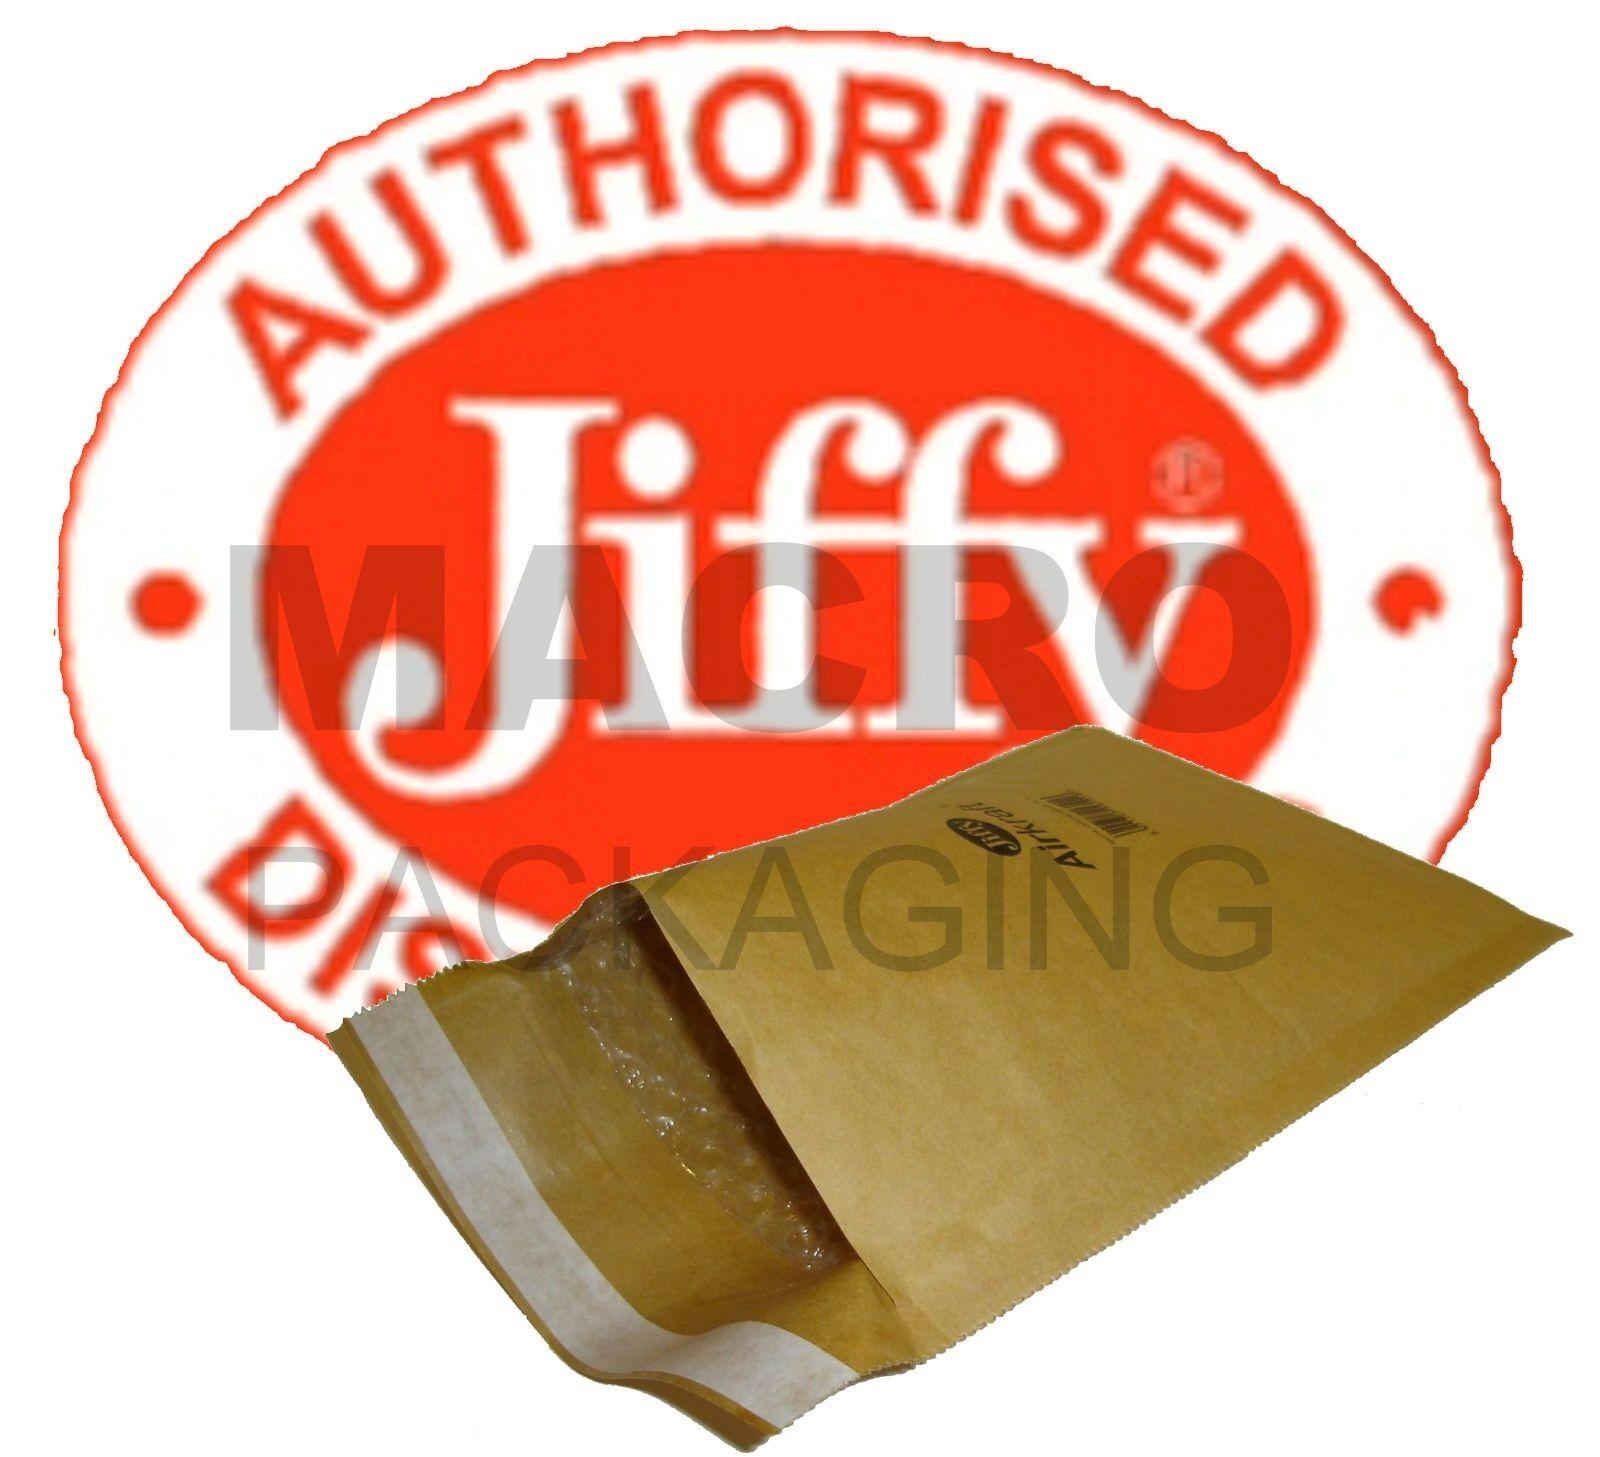 1000 'Jiffy' 'Jiffy' 1000 Bags Padded Envelopes JL0-(Or) a9ae03